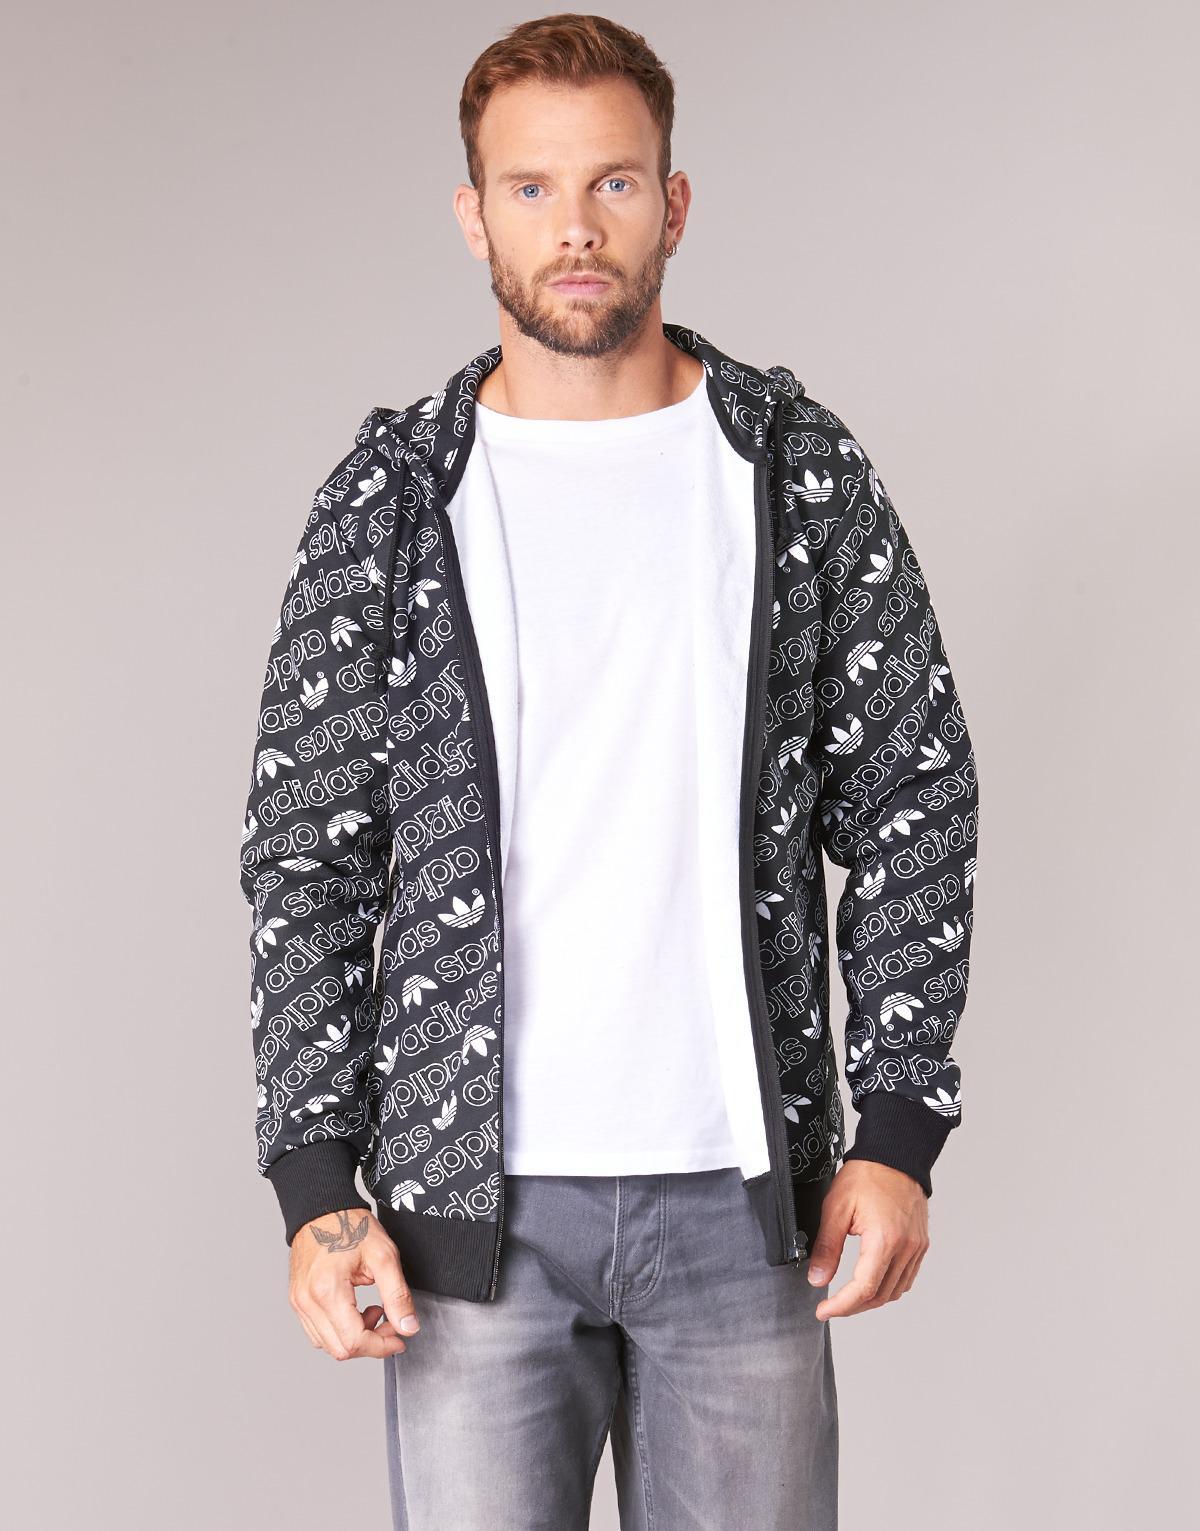 Sweat Pour Lyst Adidas En Homme Noir Hommes Monogram Shirt Fz wq7Rtqa